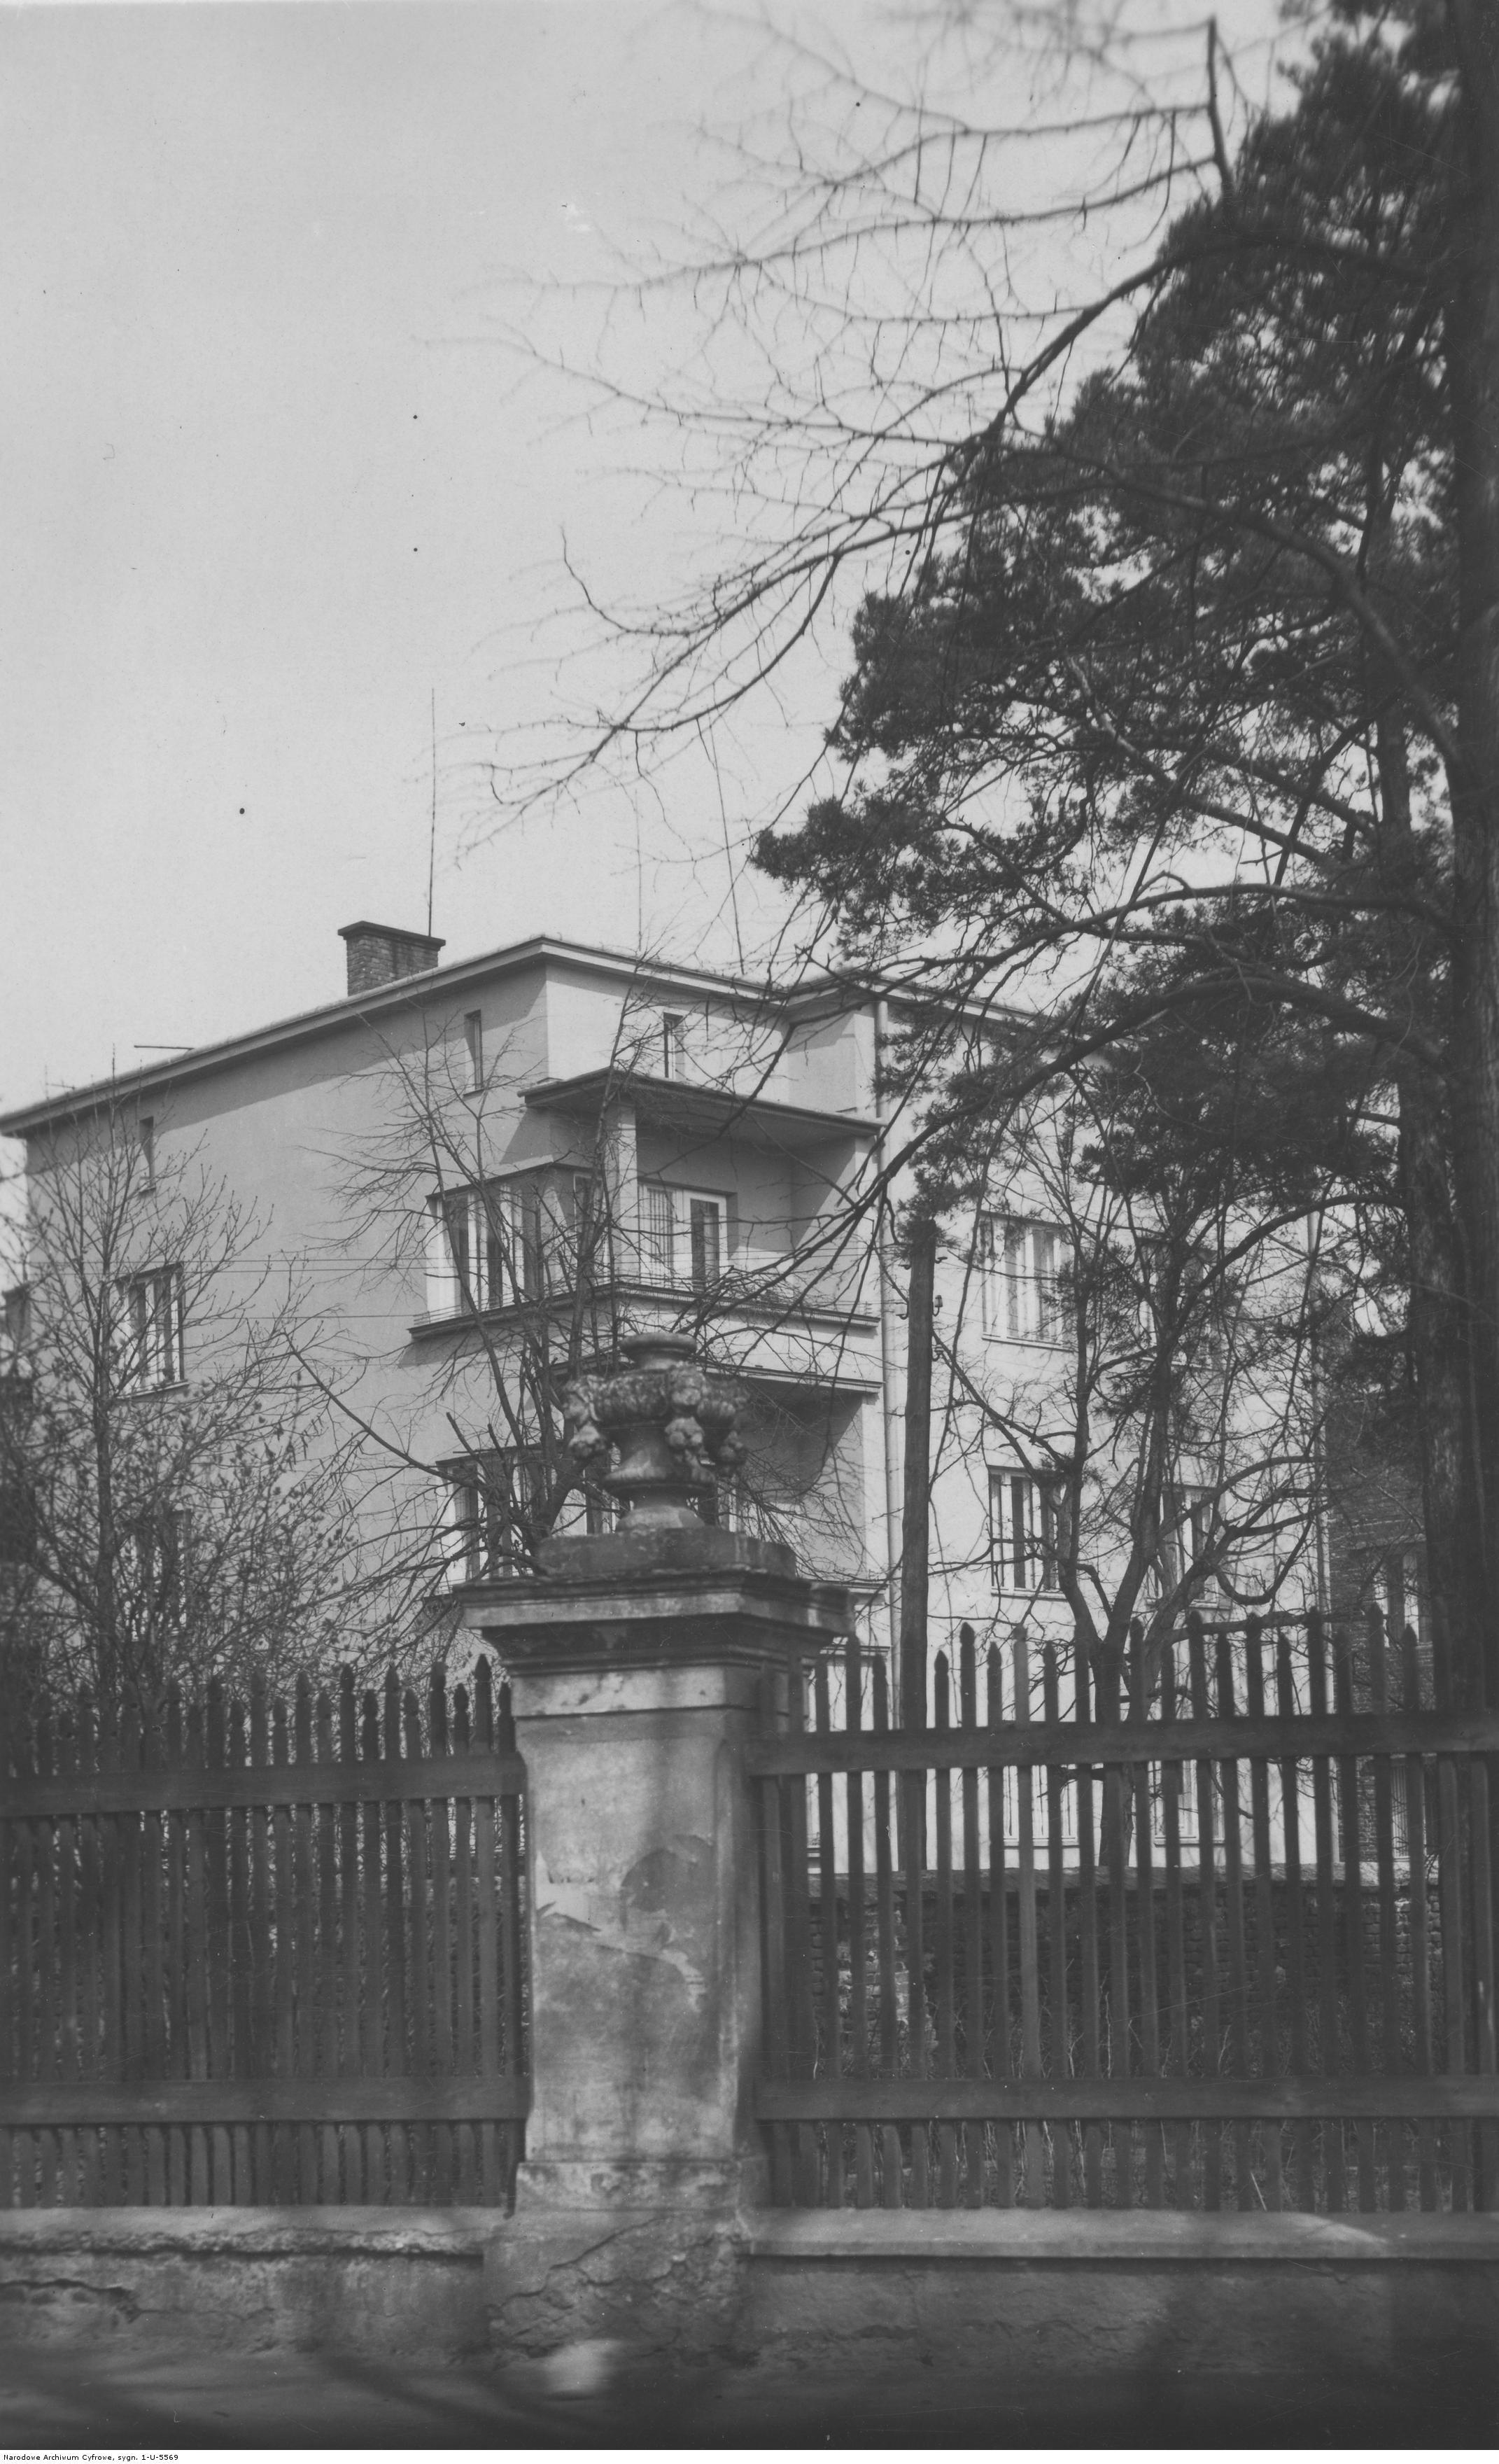 Nowoczesna kamienica w Rzeszowie, rok 1918-1939